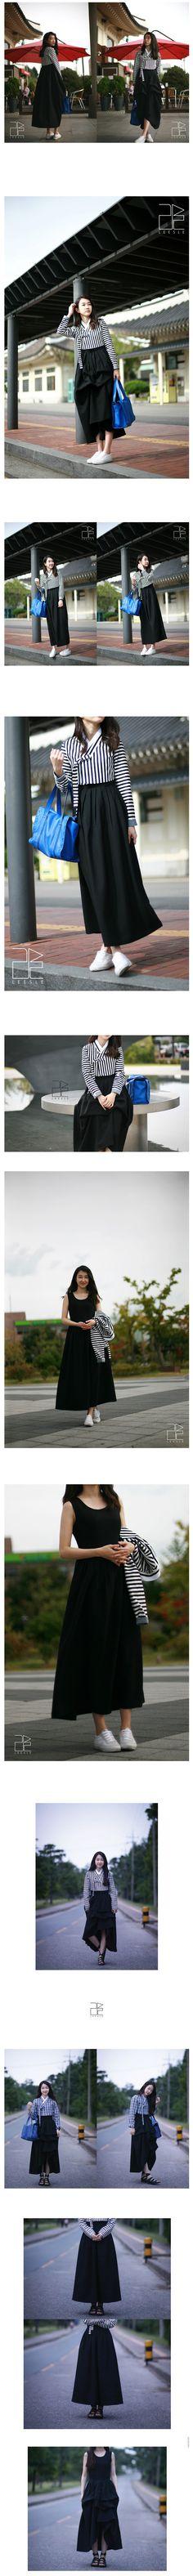 SONJJANG HANBOK - korean clothes, women hanbok, men hanbok, traditional wedding dress